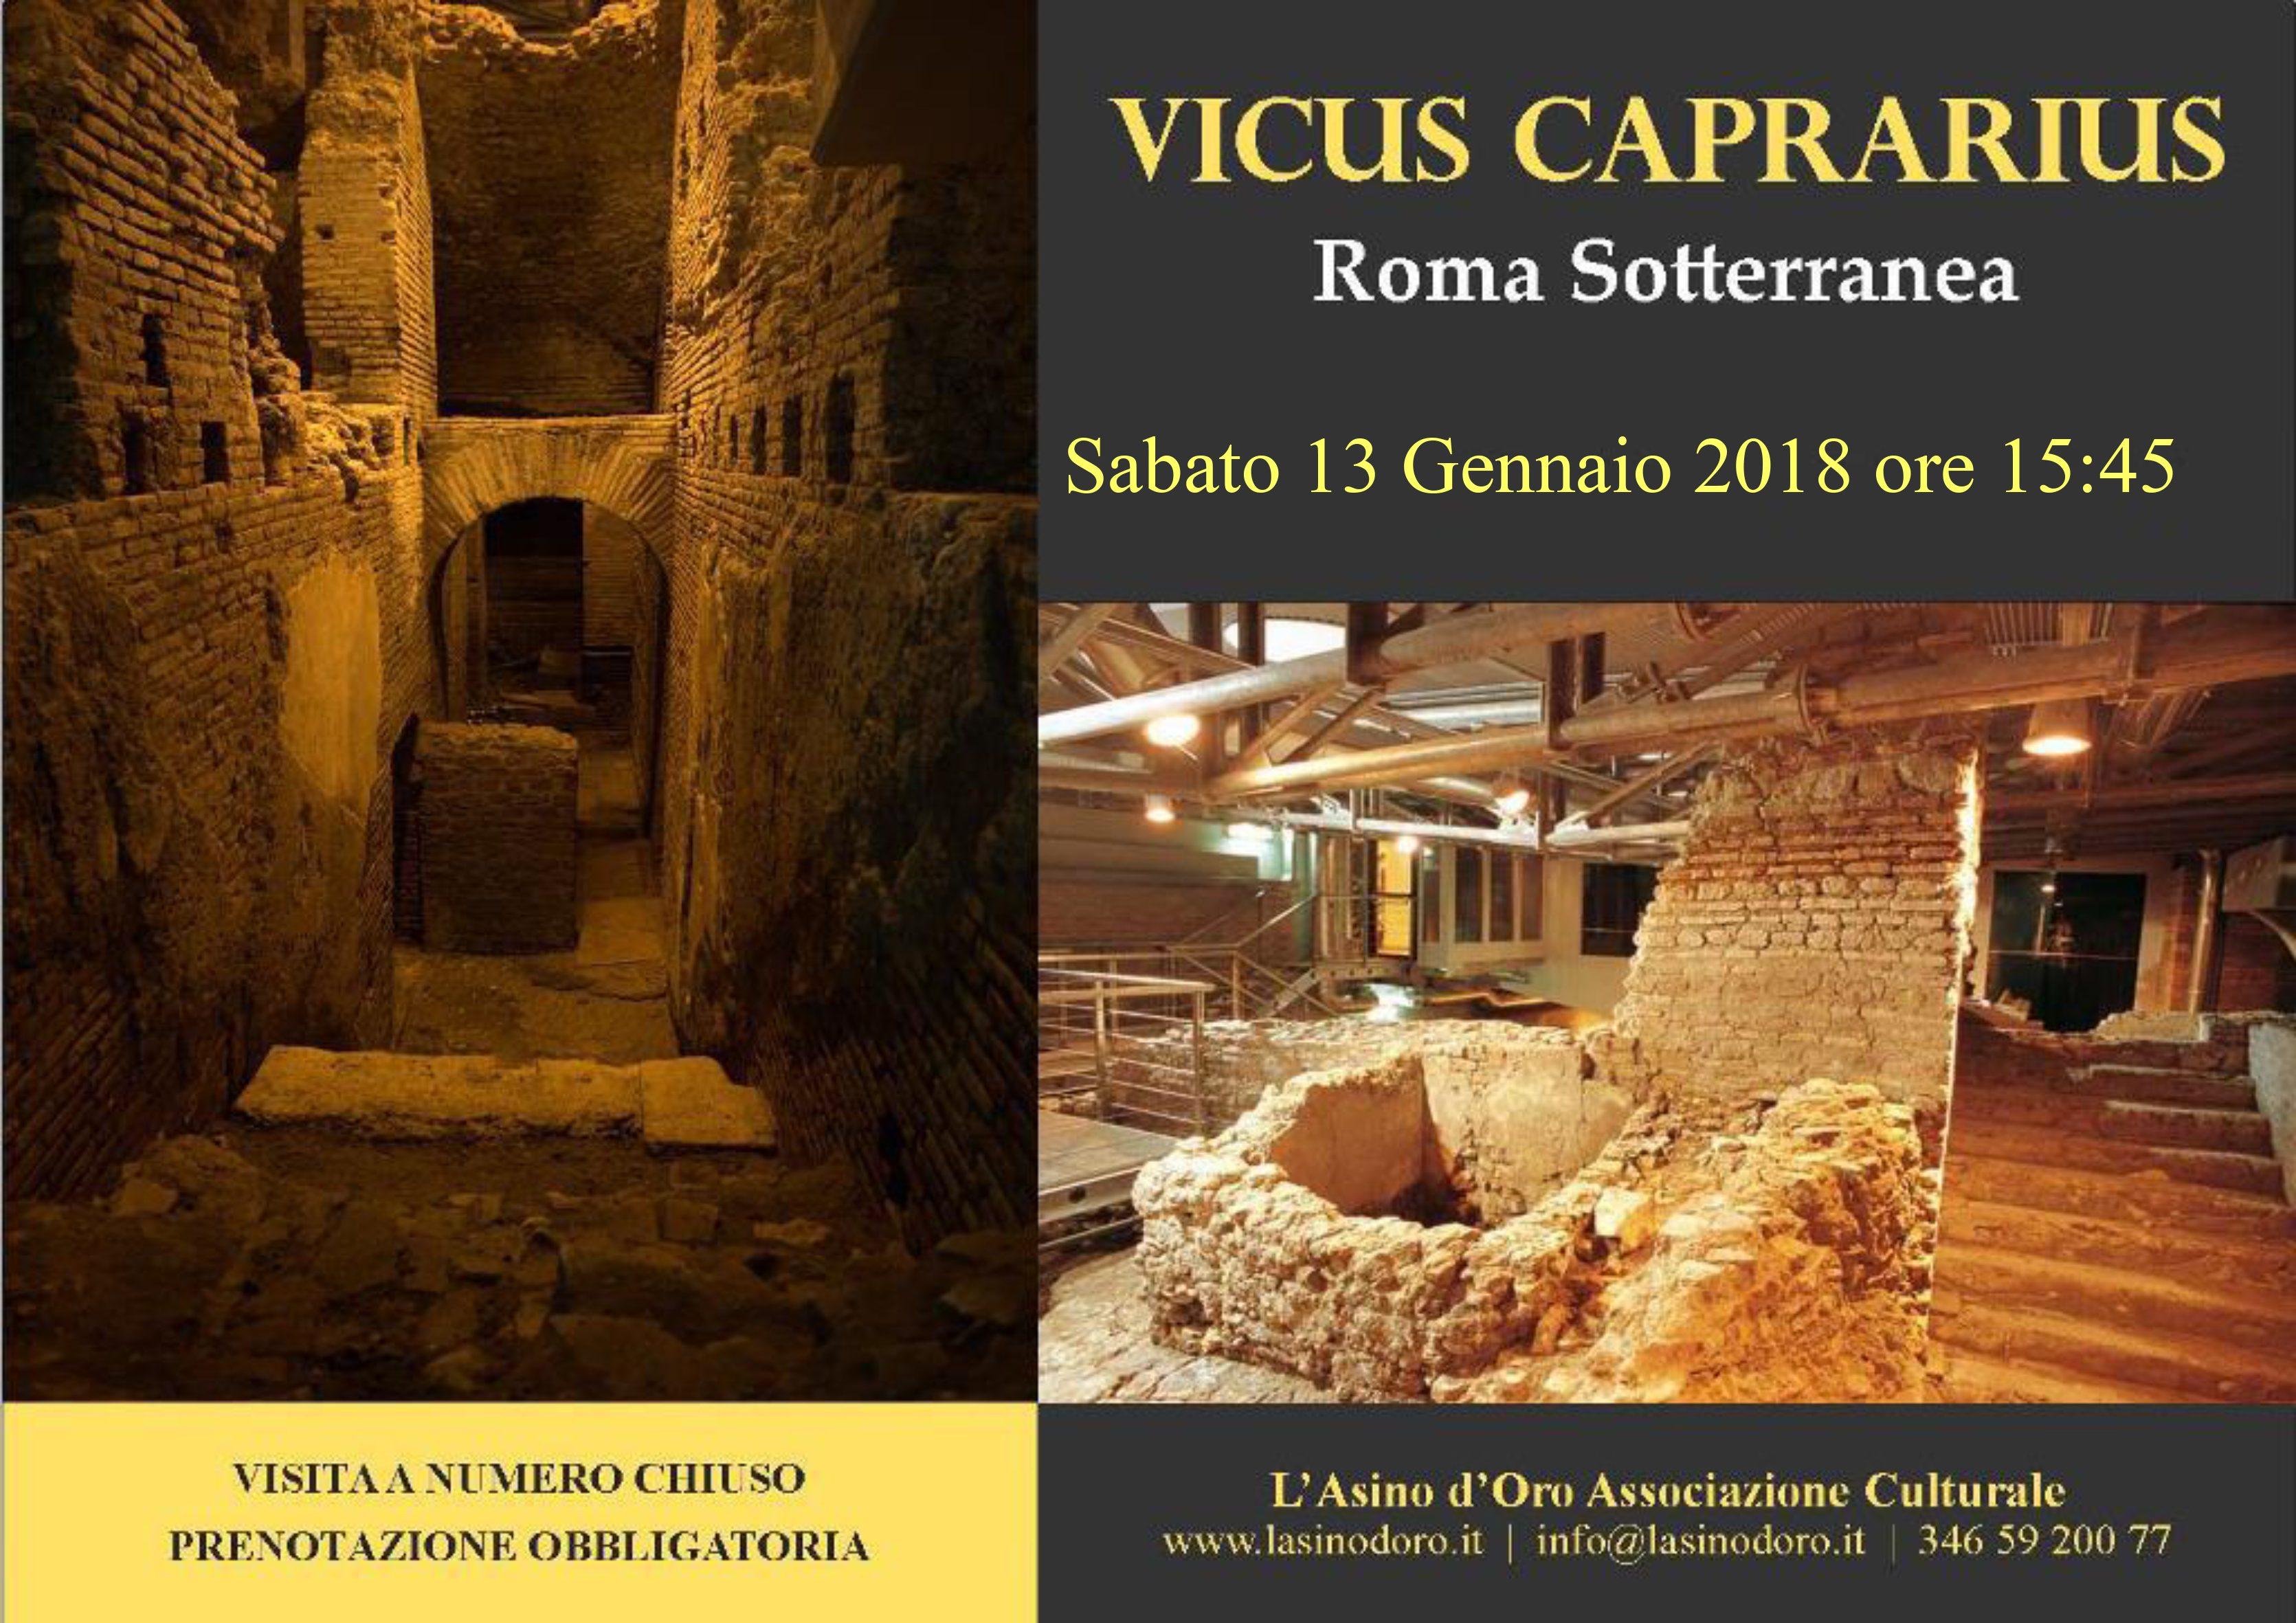 locandina-vicus-caprarius_0